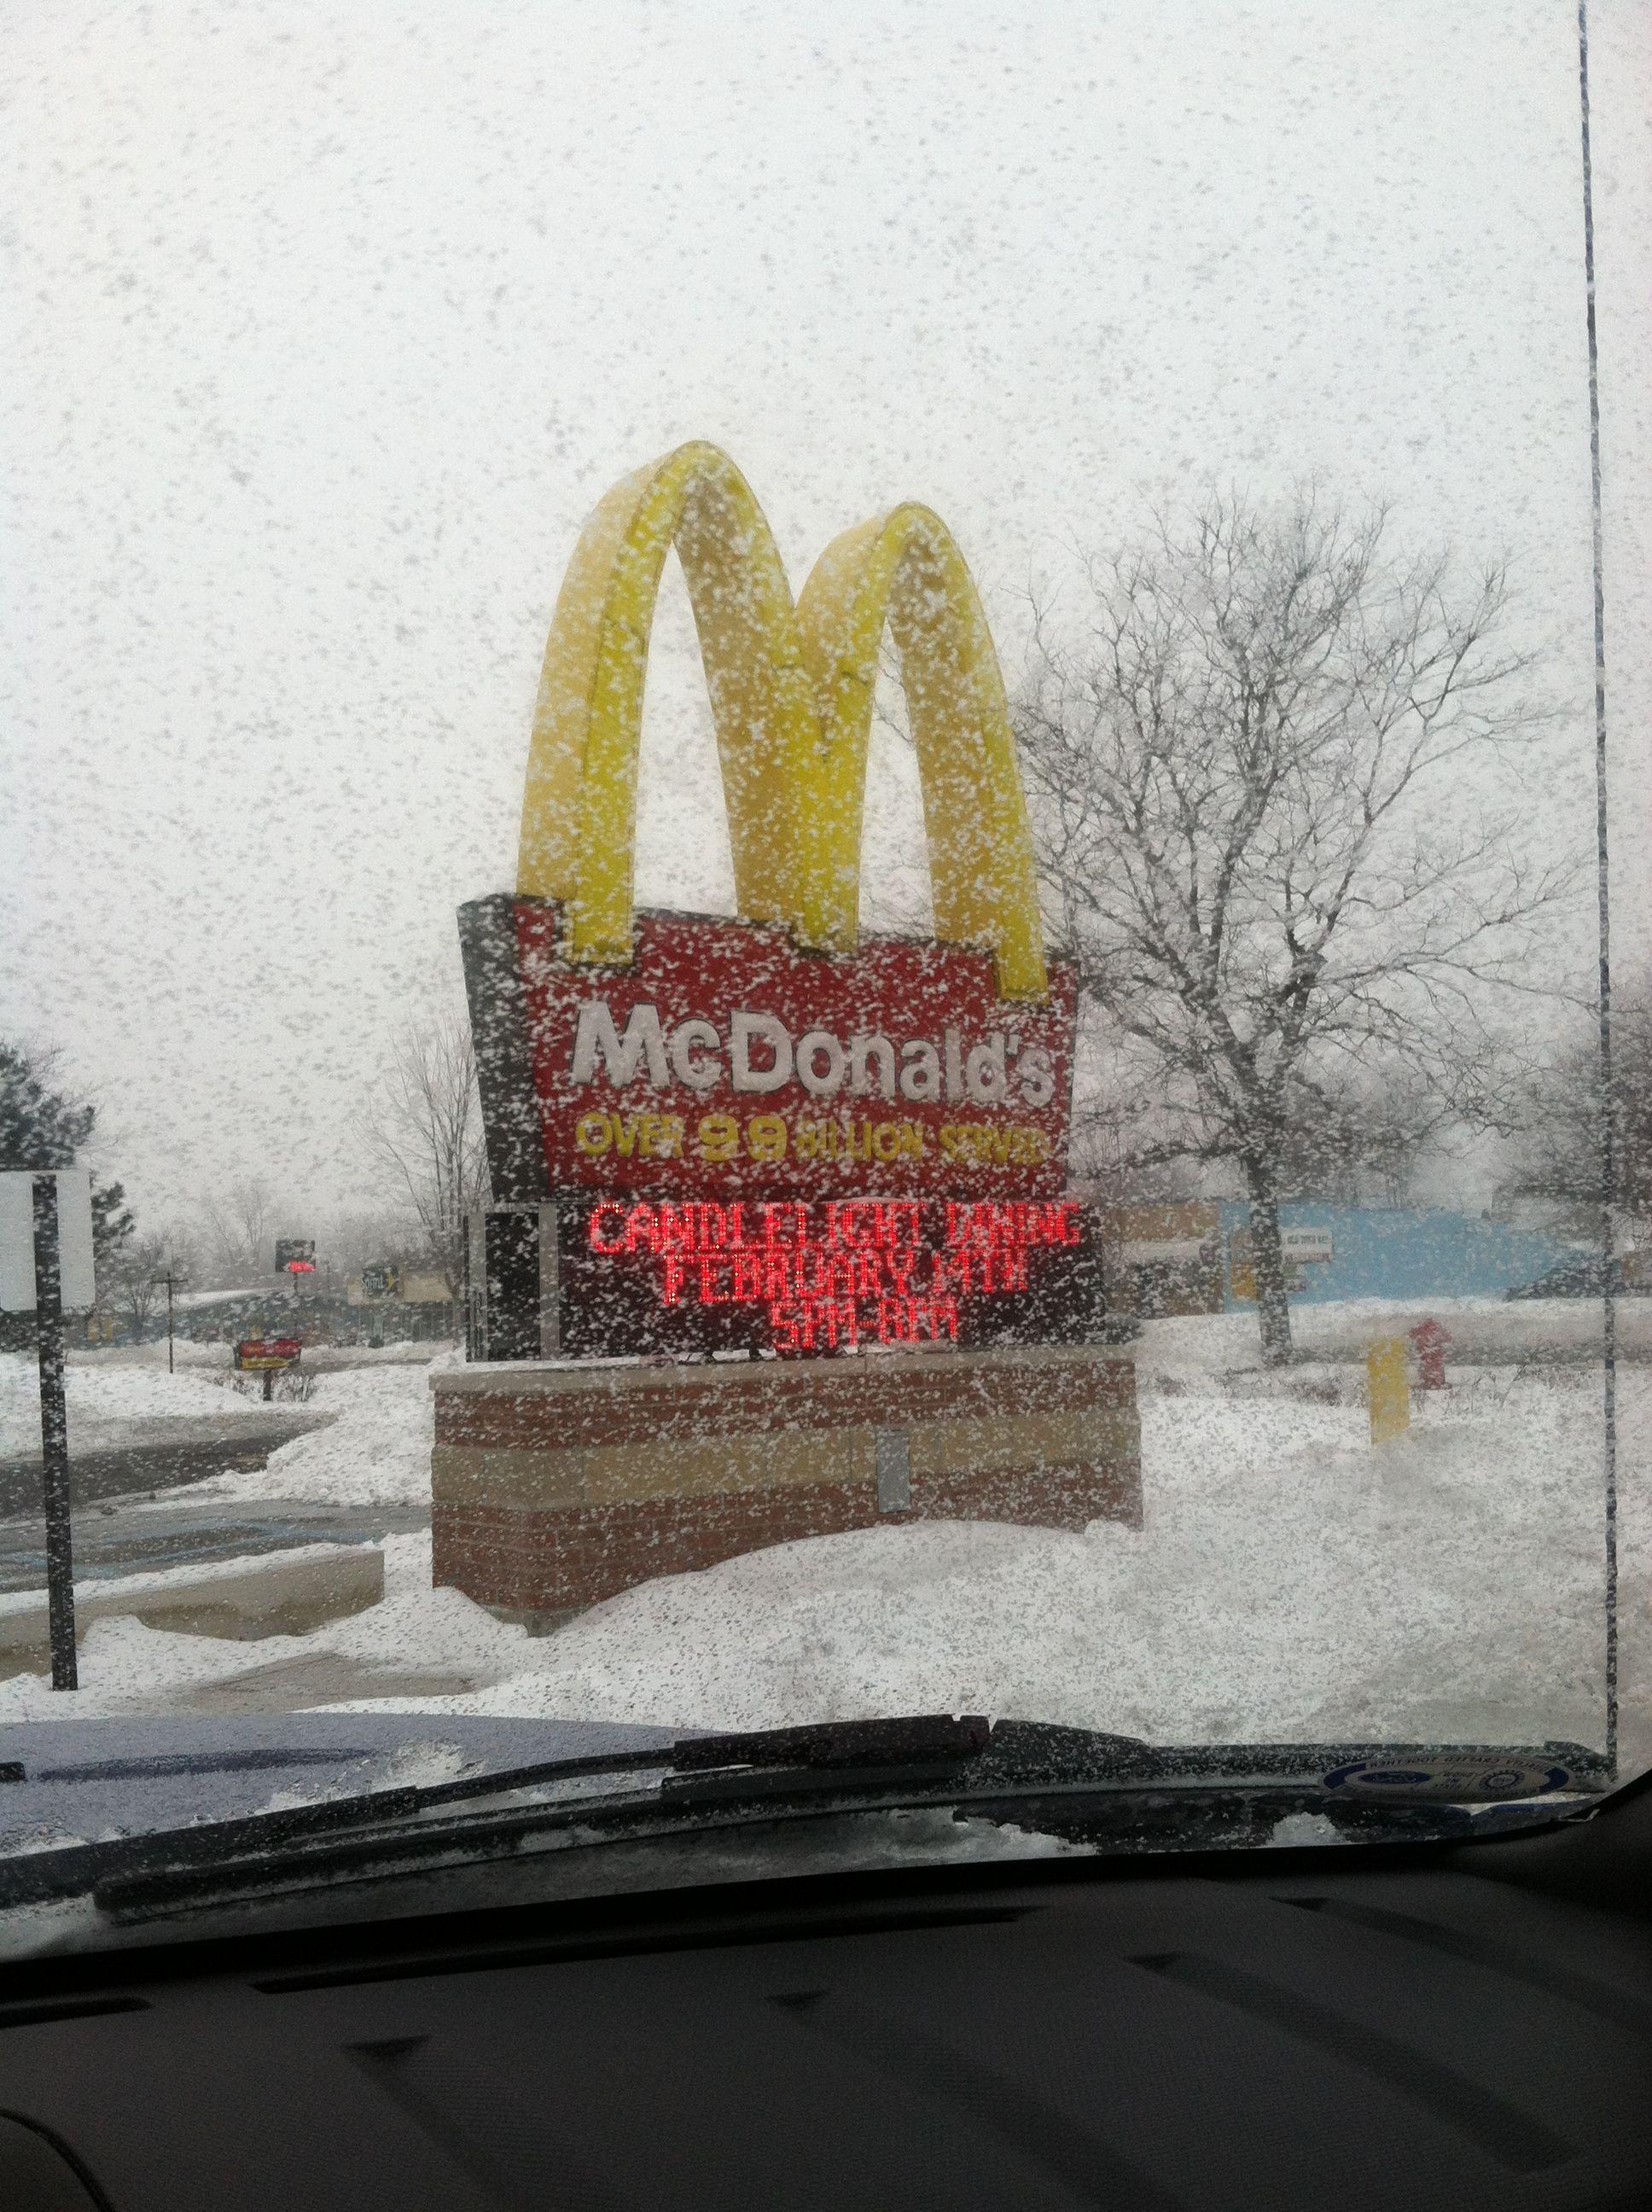 Flat rock McDonald's